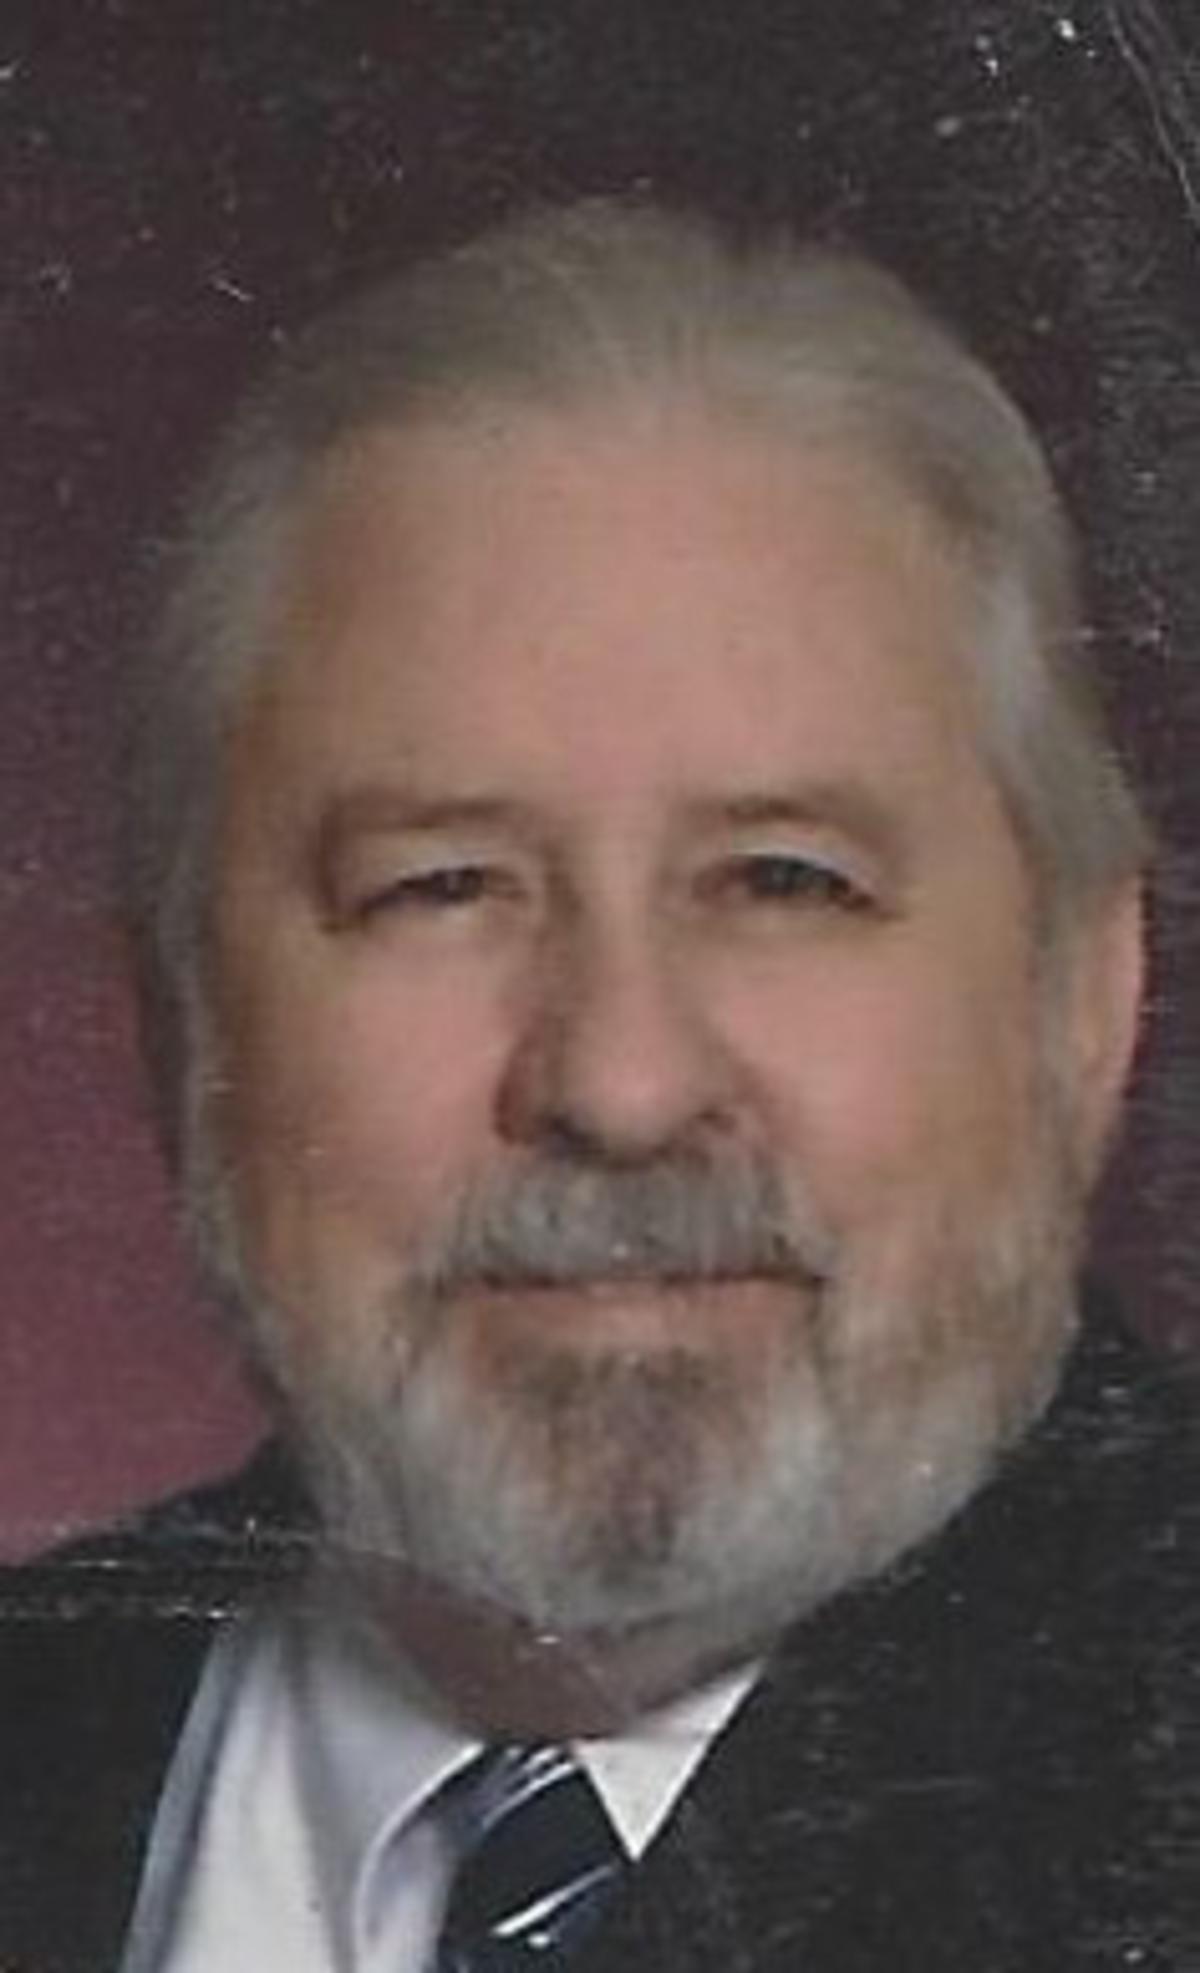 Larry Benton Harding